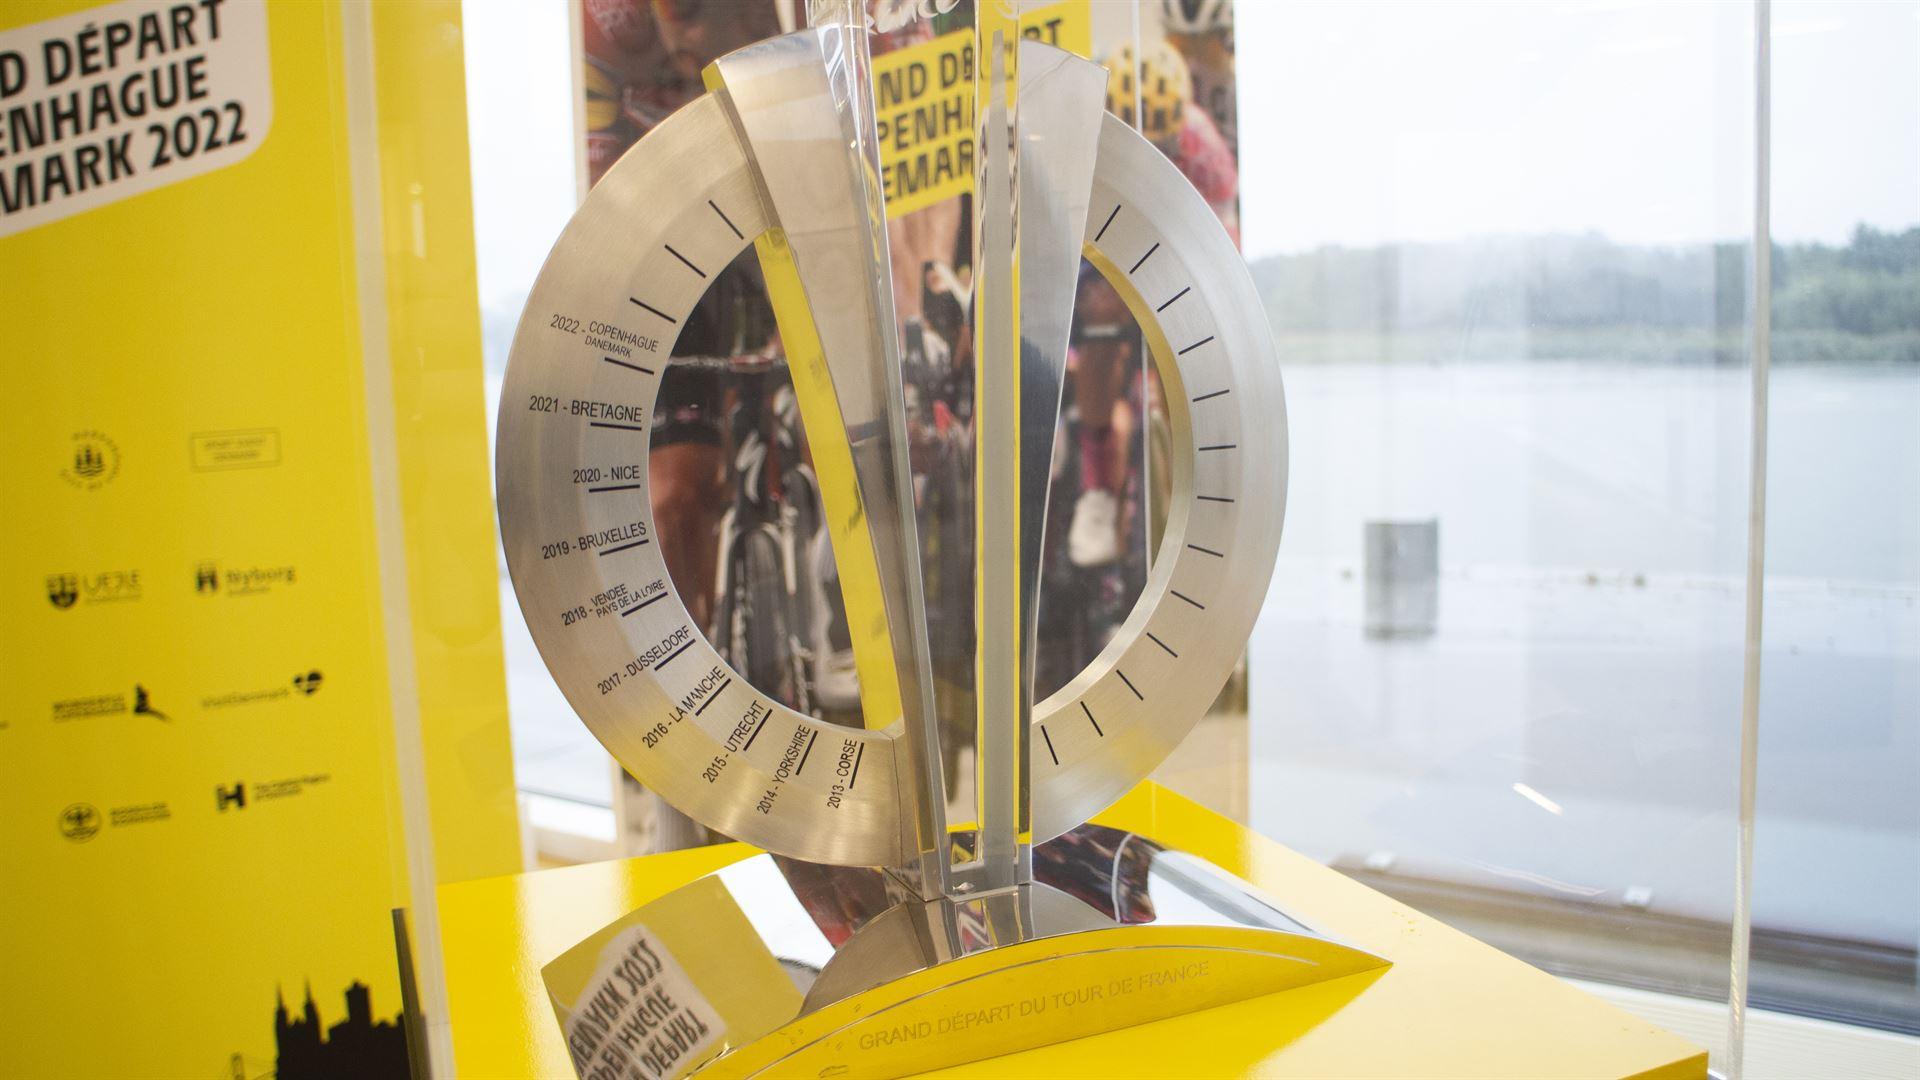 Tour de France Grand Depart trofæet på Haderslev Rådhus Foto: René Holm